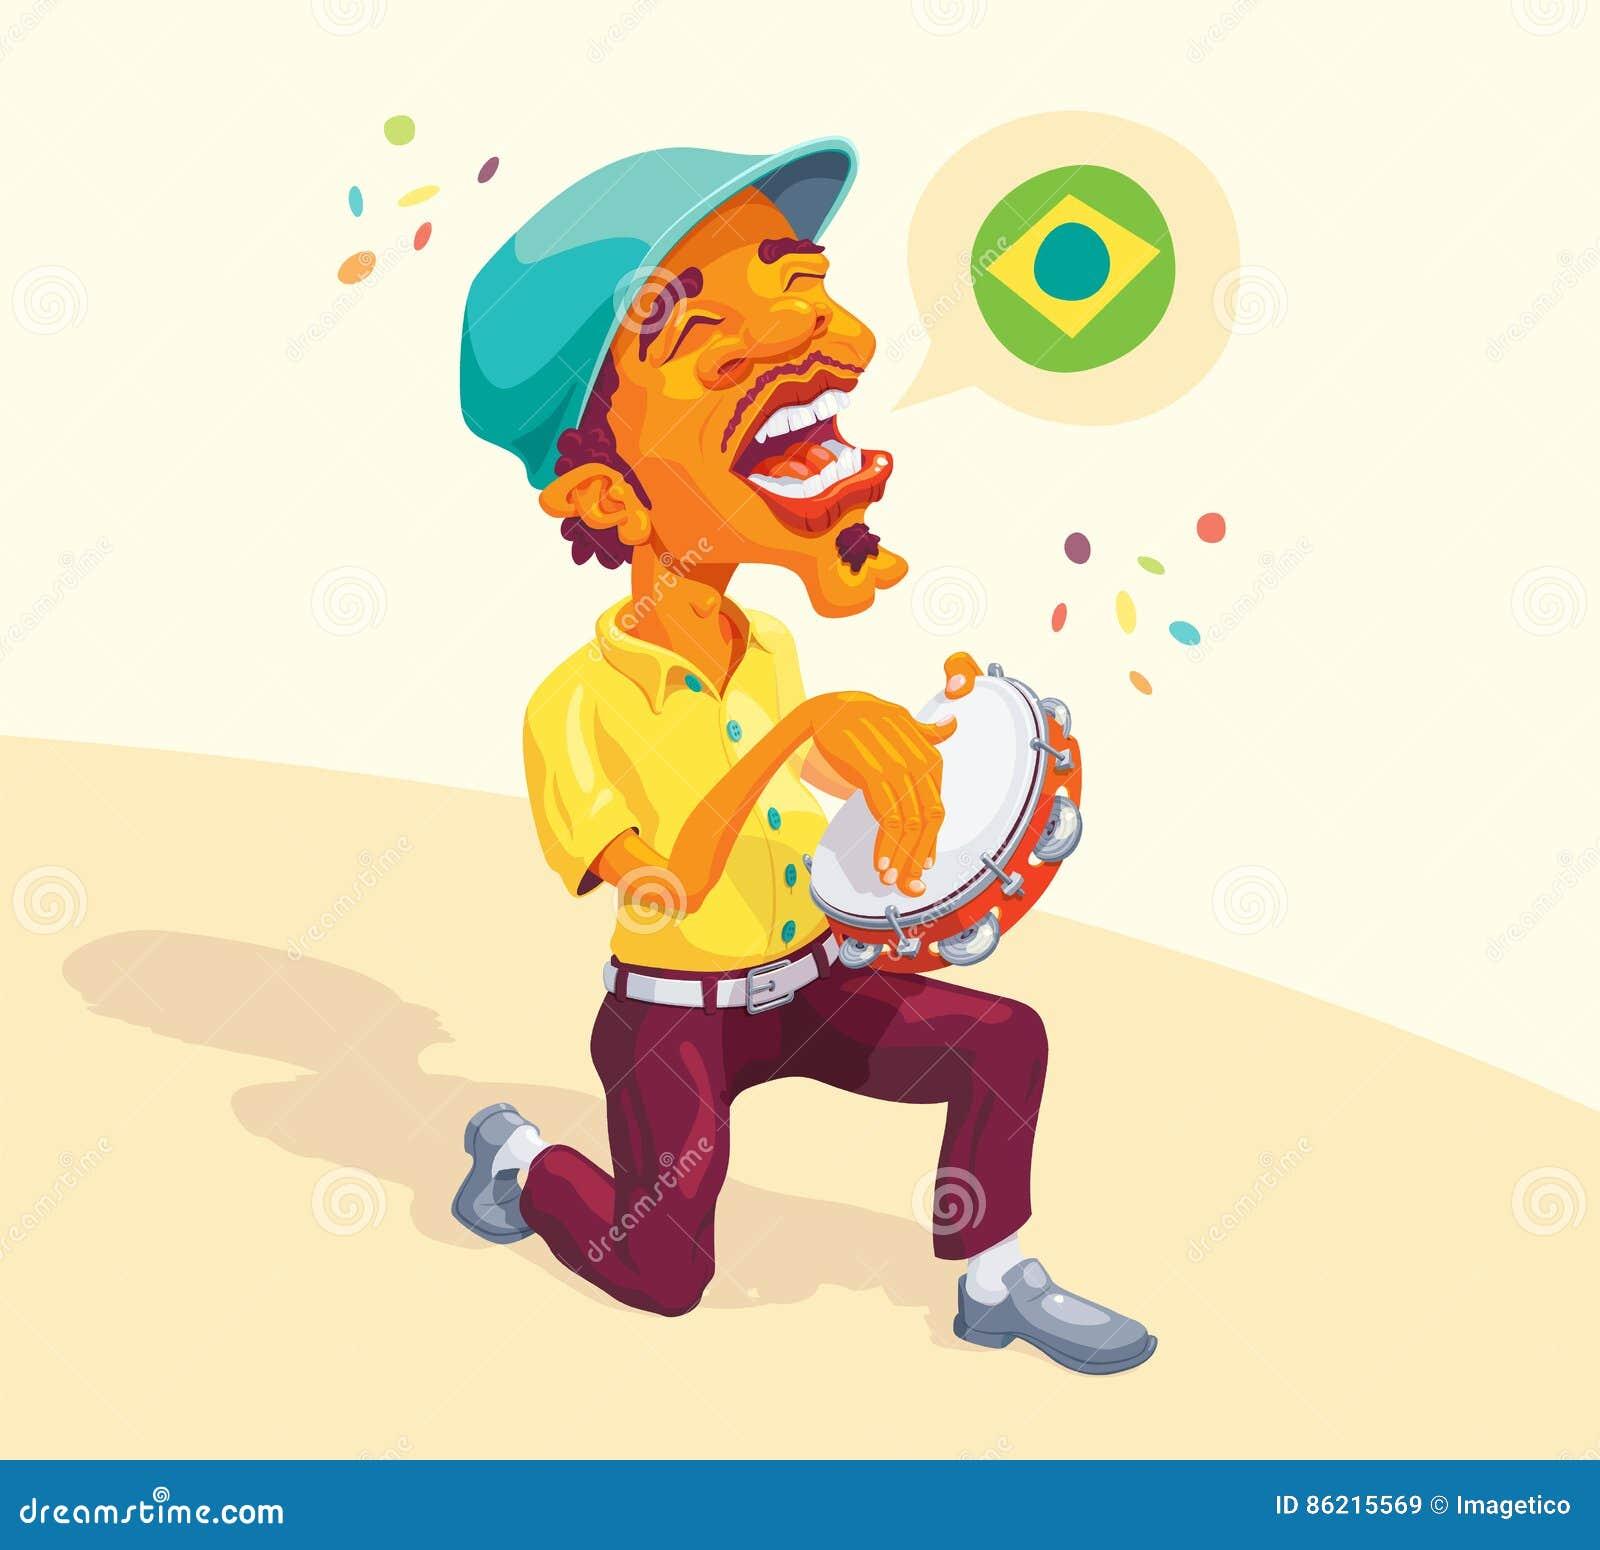 Brazilian Tambourine Player Stock Vector - Image: 86215569